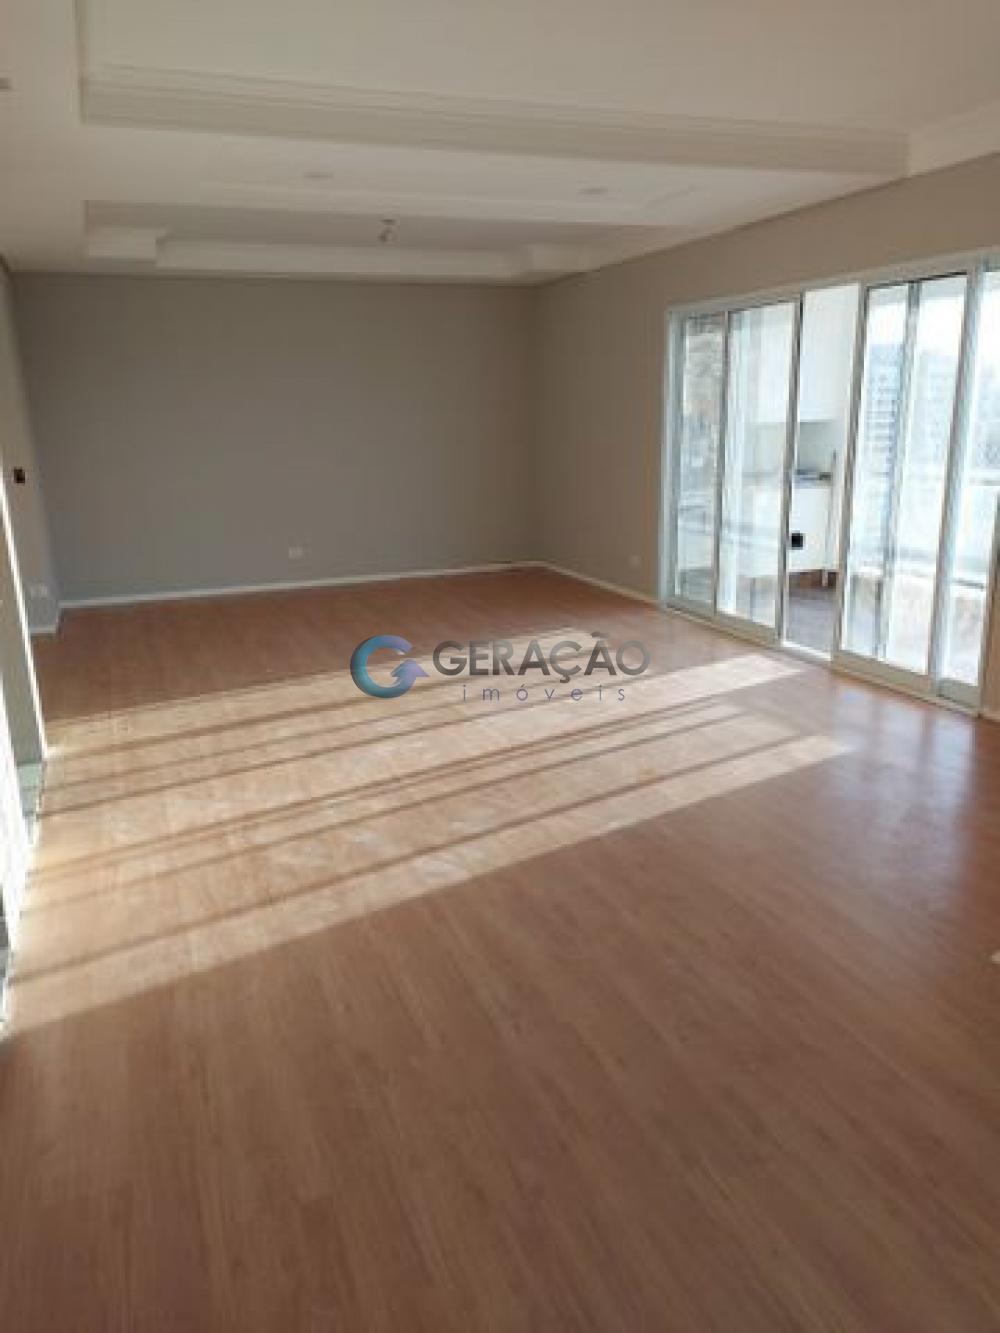 Comprar Apartamento / Padrão em São José dos Campos apenas R$ 850.000,00 - Foto 3